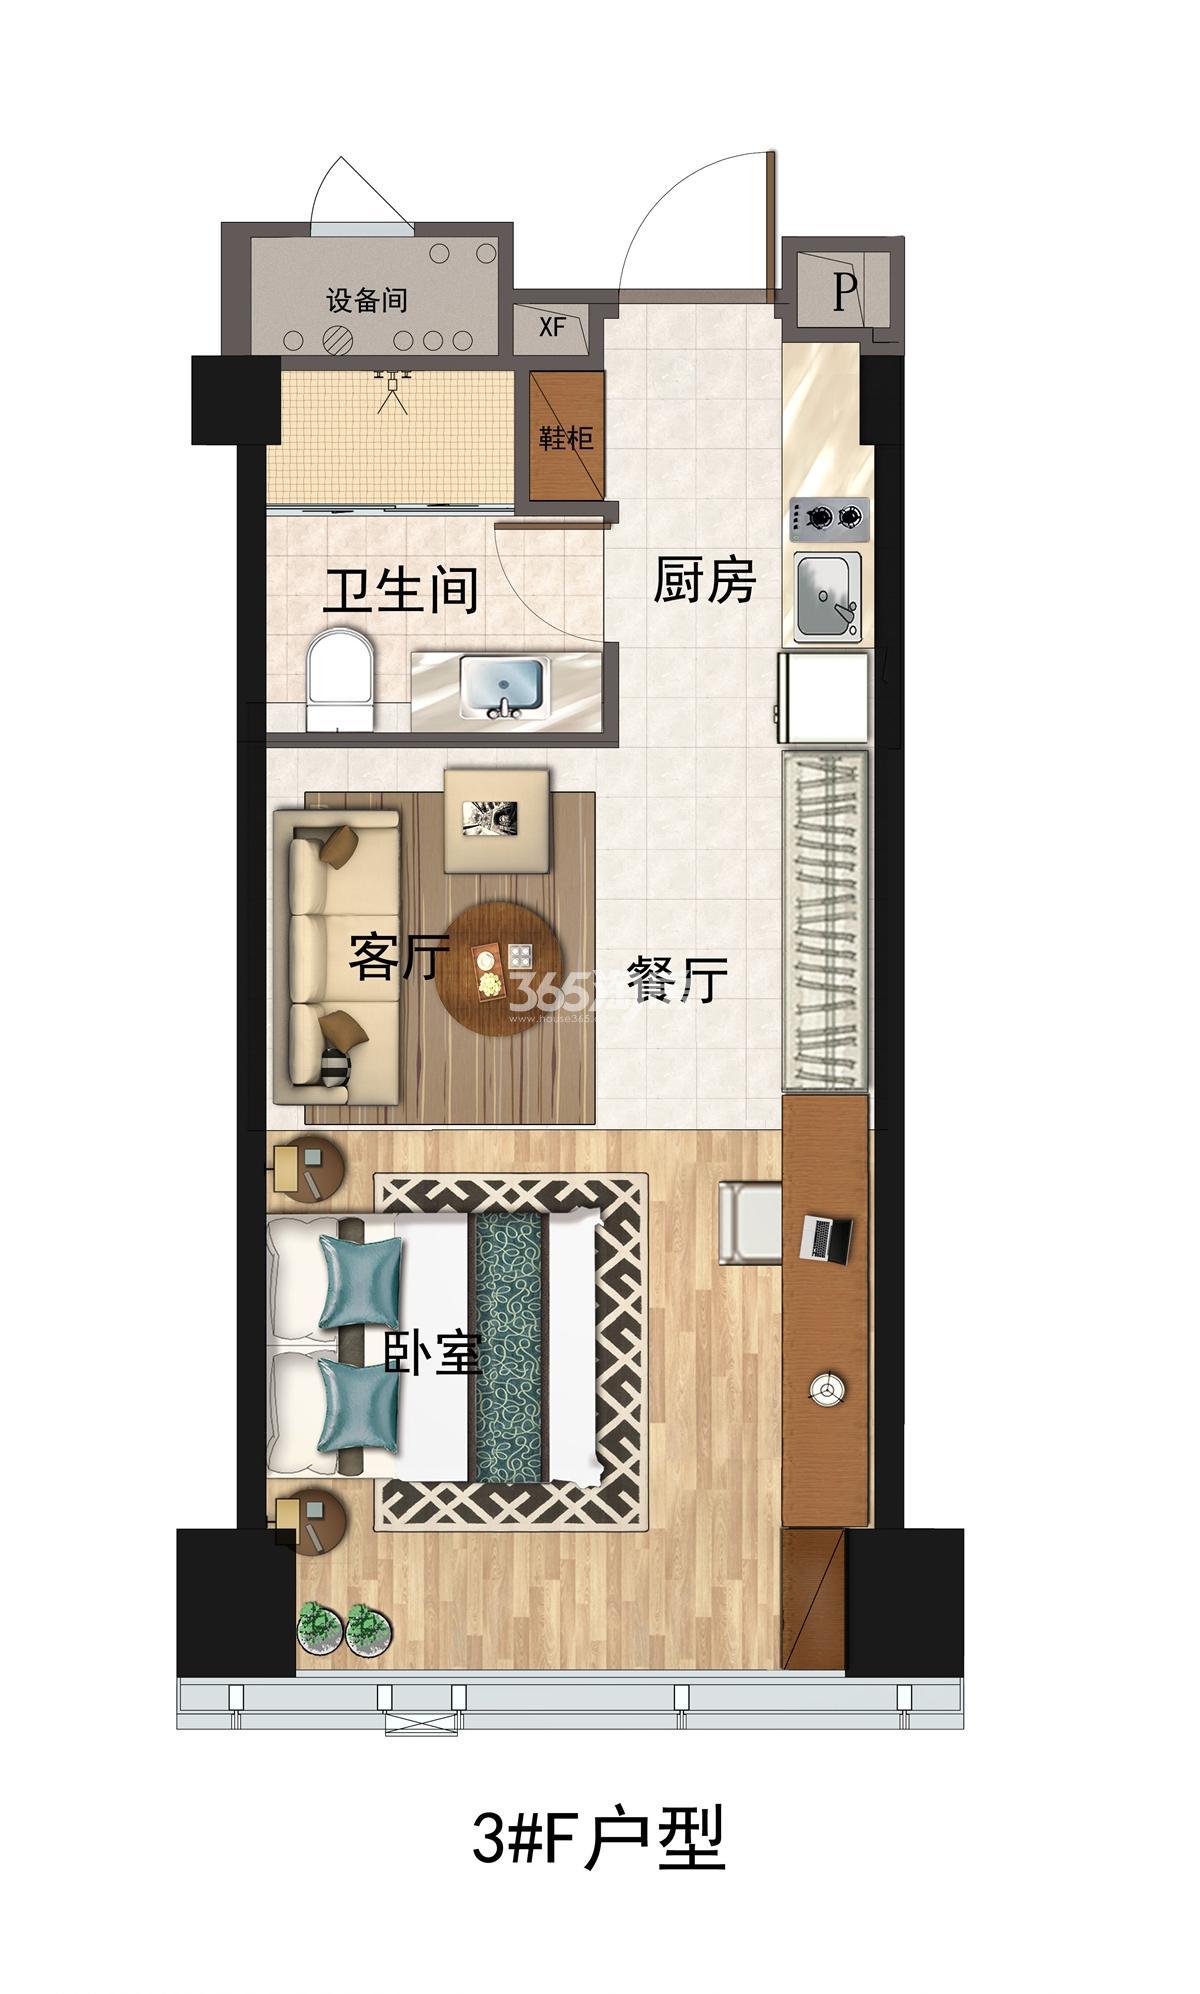 碧桂园深蓝国际F户型63方(3#)